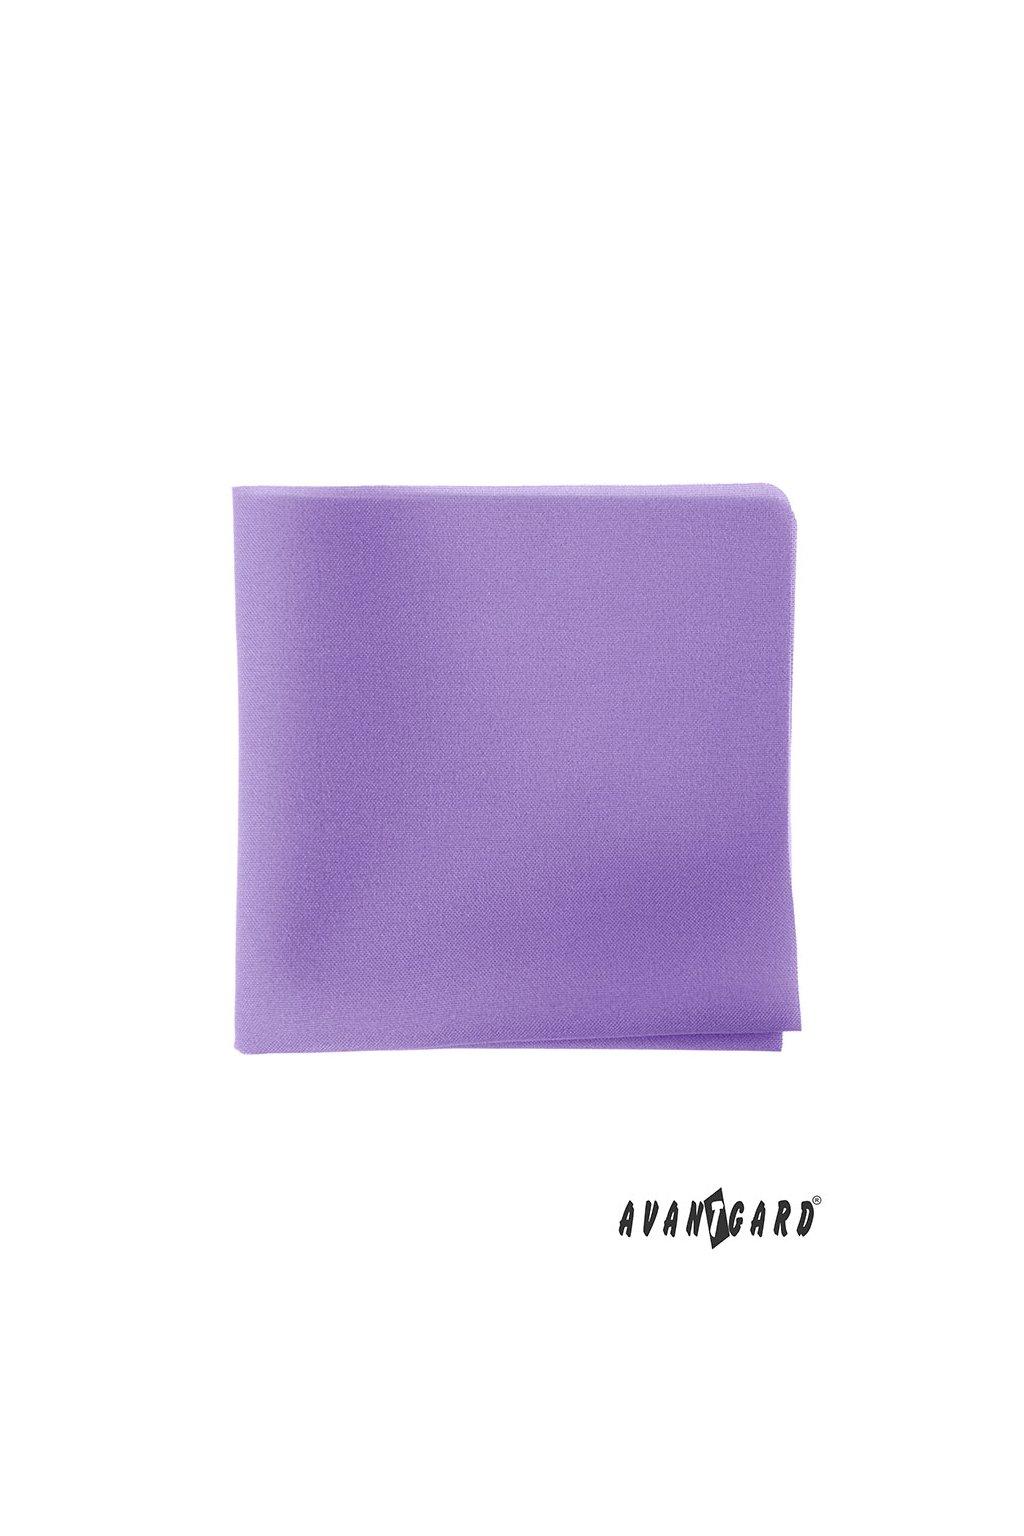 Kapesníček do saka LUX lila 583 - 9838